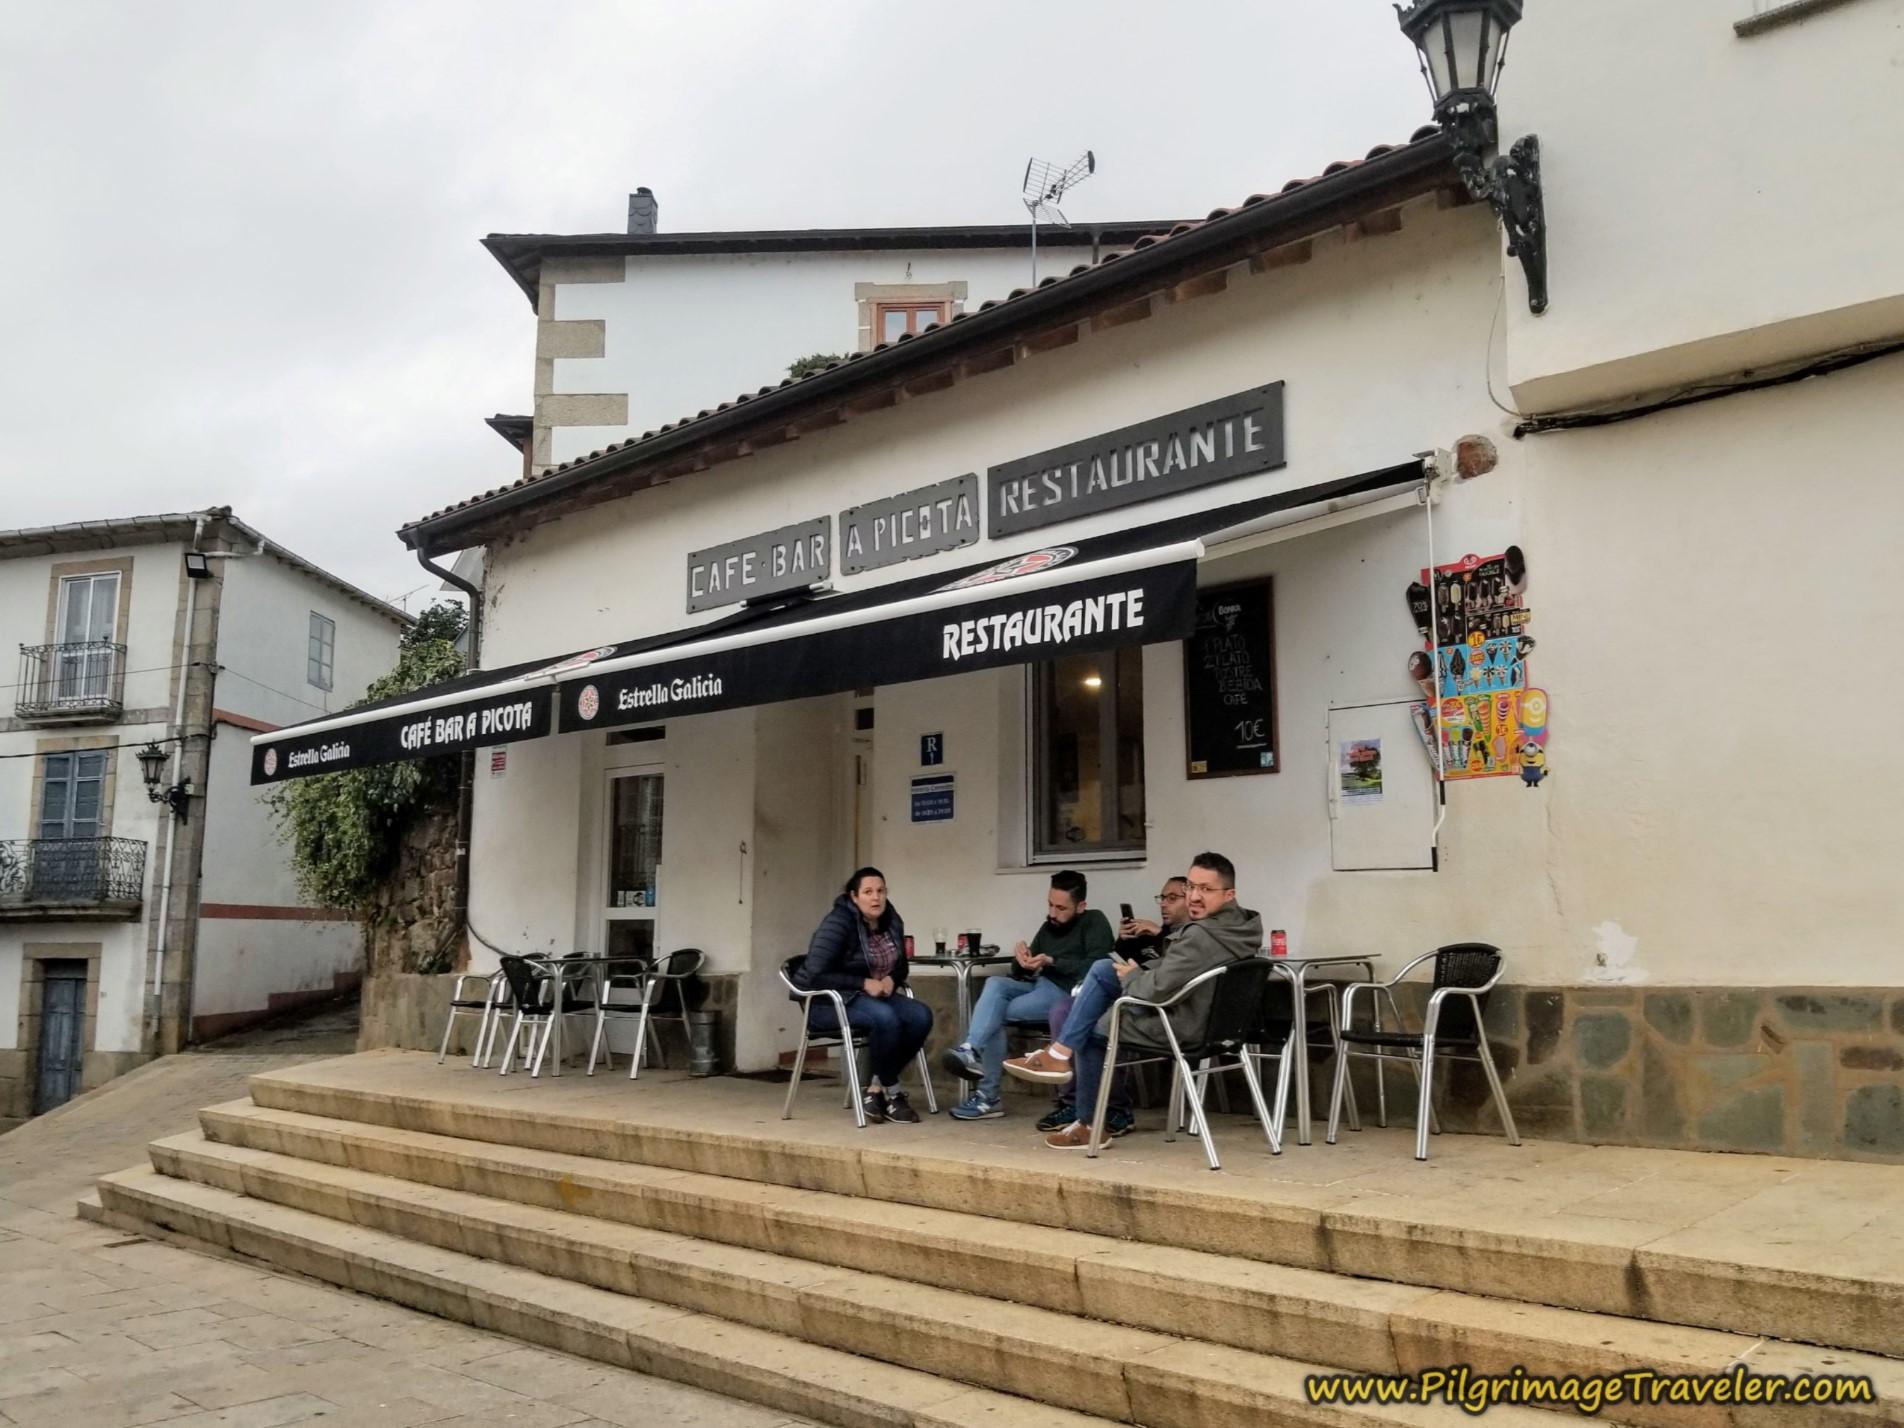 Café Bar and Restaurante A Picota